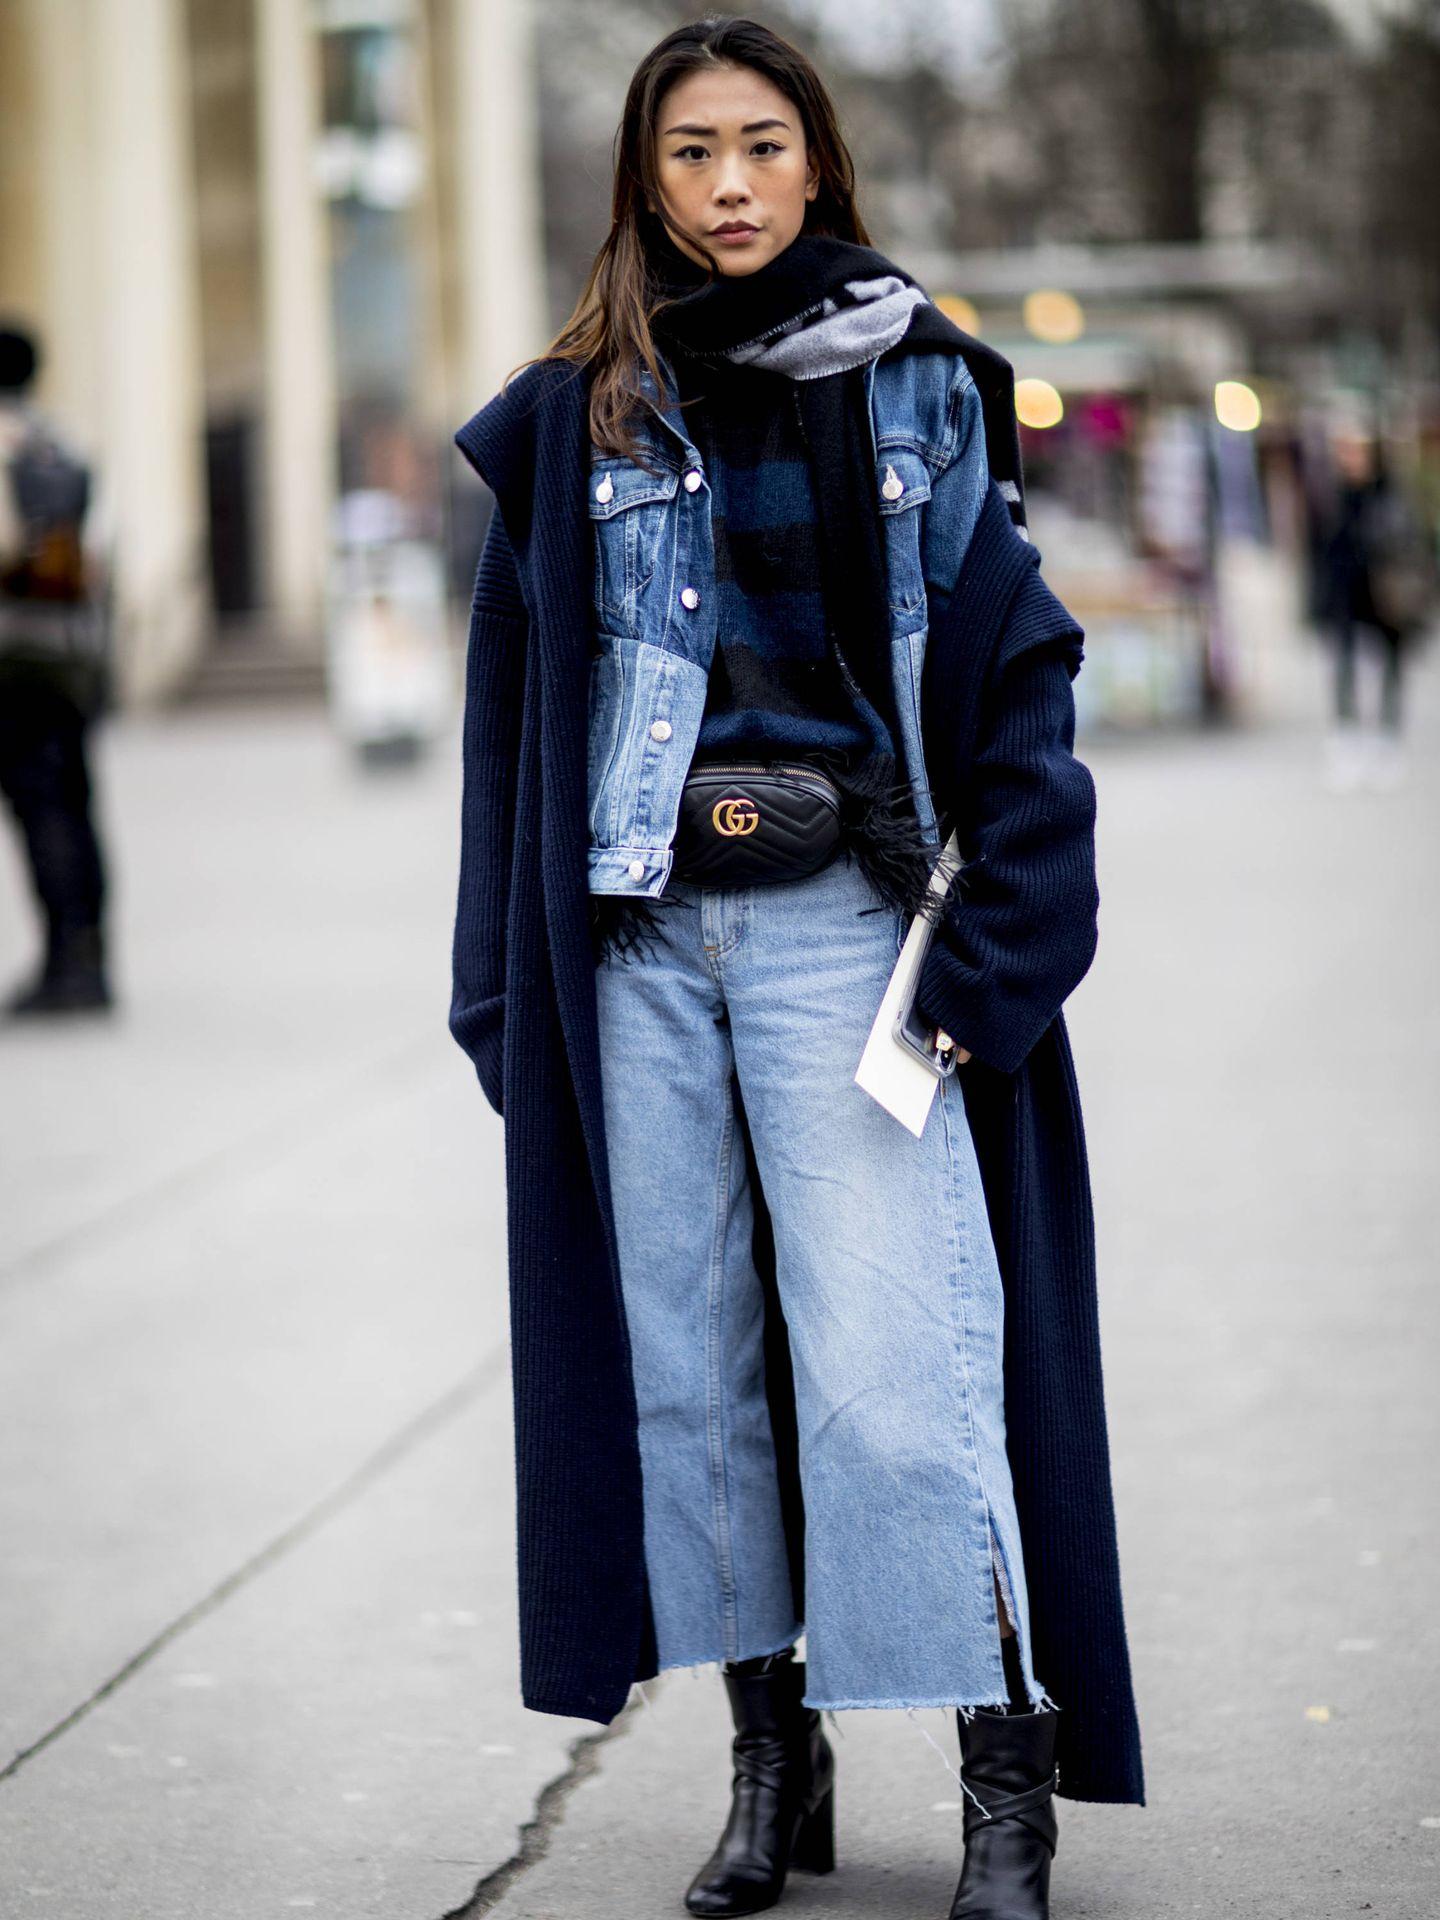 Capa a capa lograrás un outfit como este.  (Imaxtree)